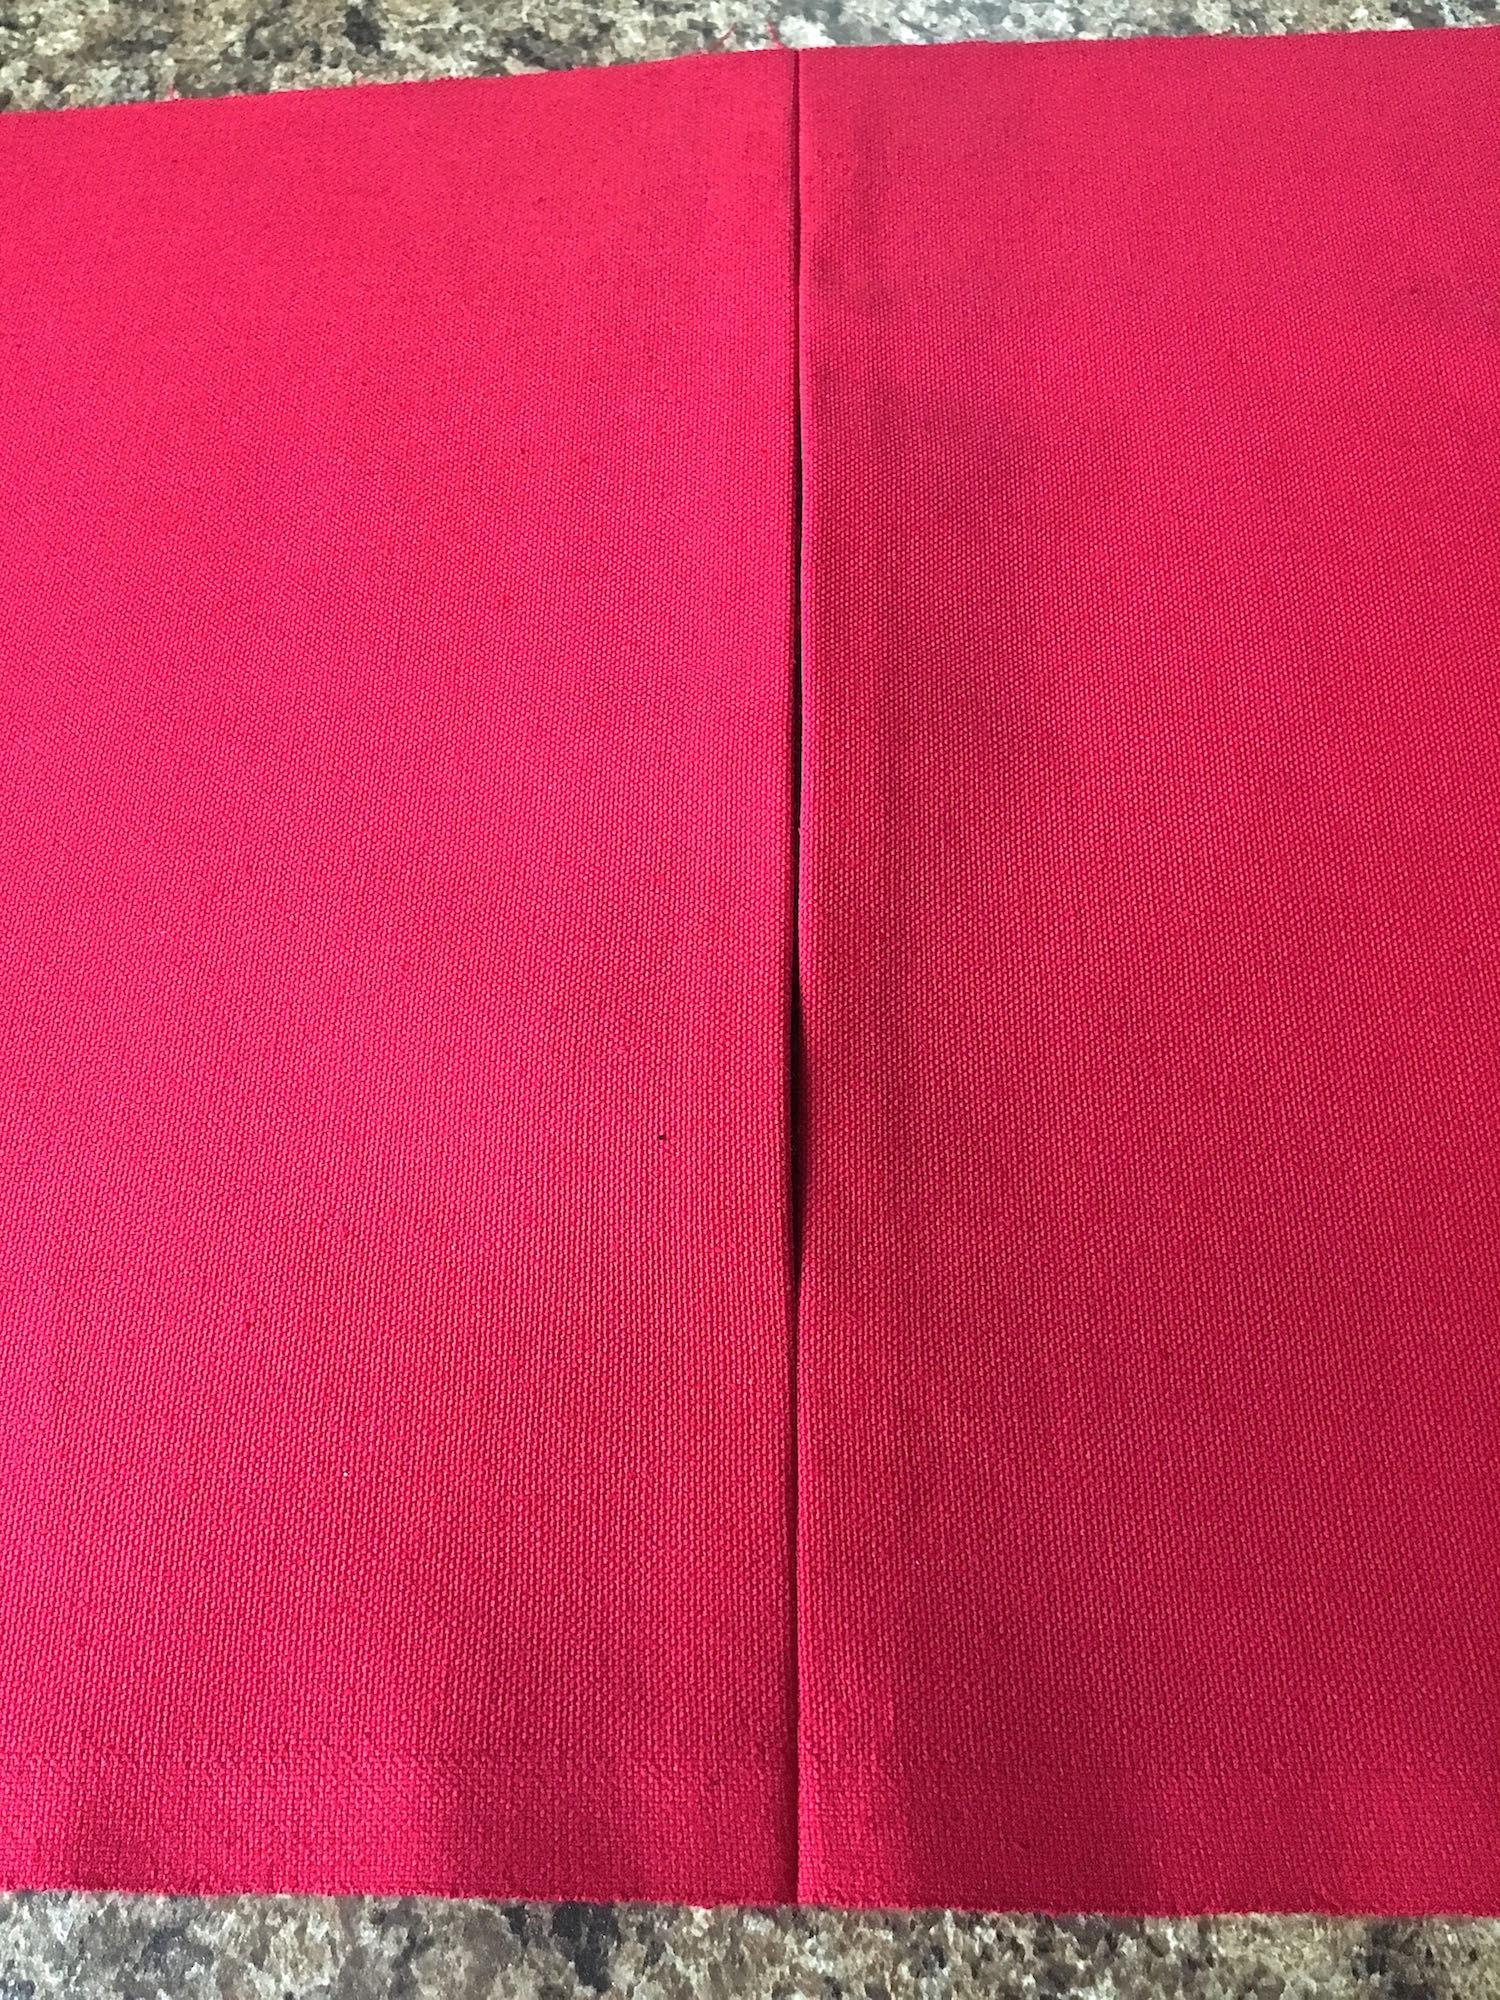 step 10 - Press the seam open. Remove the basting stitch.